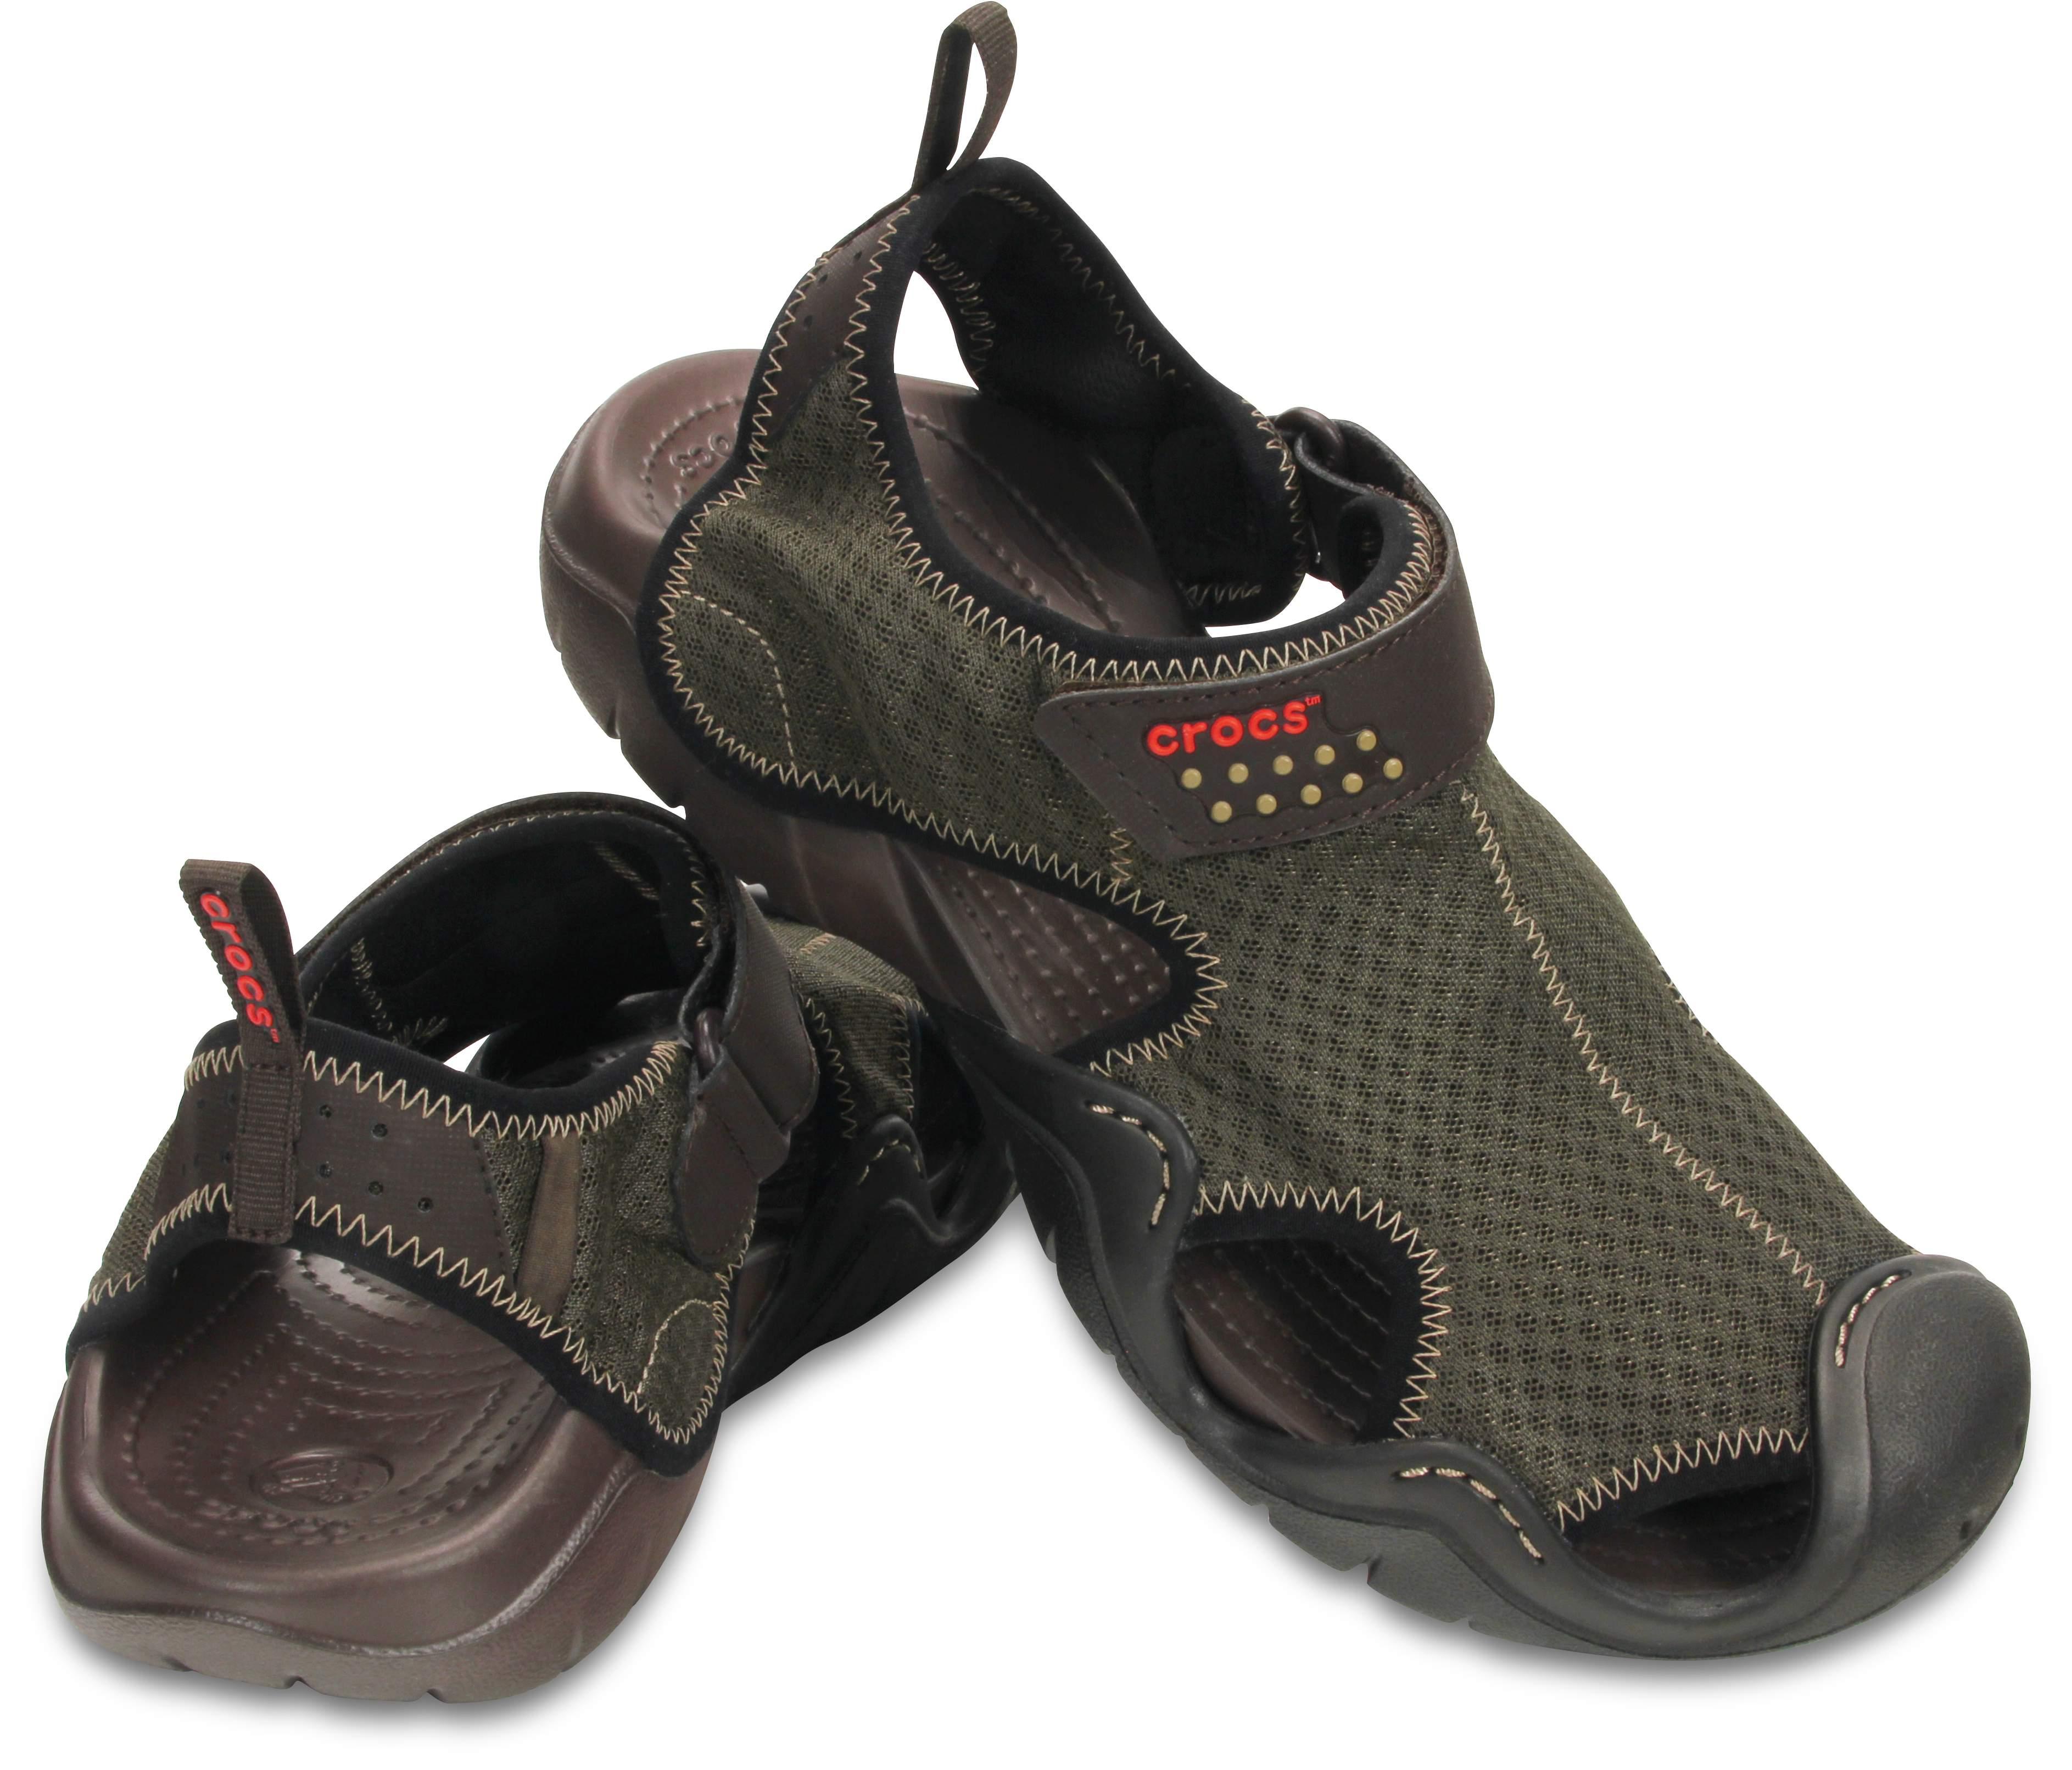 【クロックス公式】 スウィフトウォーター サンダル Men's Swiftwater Sandal メンズ、紳士、男性用 ブラウン/茶 25cm,26cm,27cm,28cm,29cm sandal サンダル 30%OFF